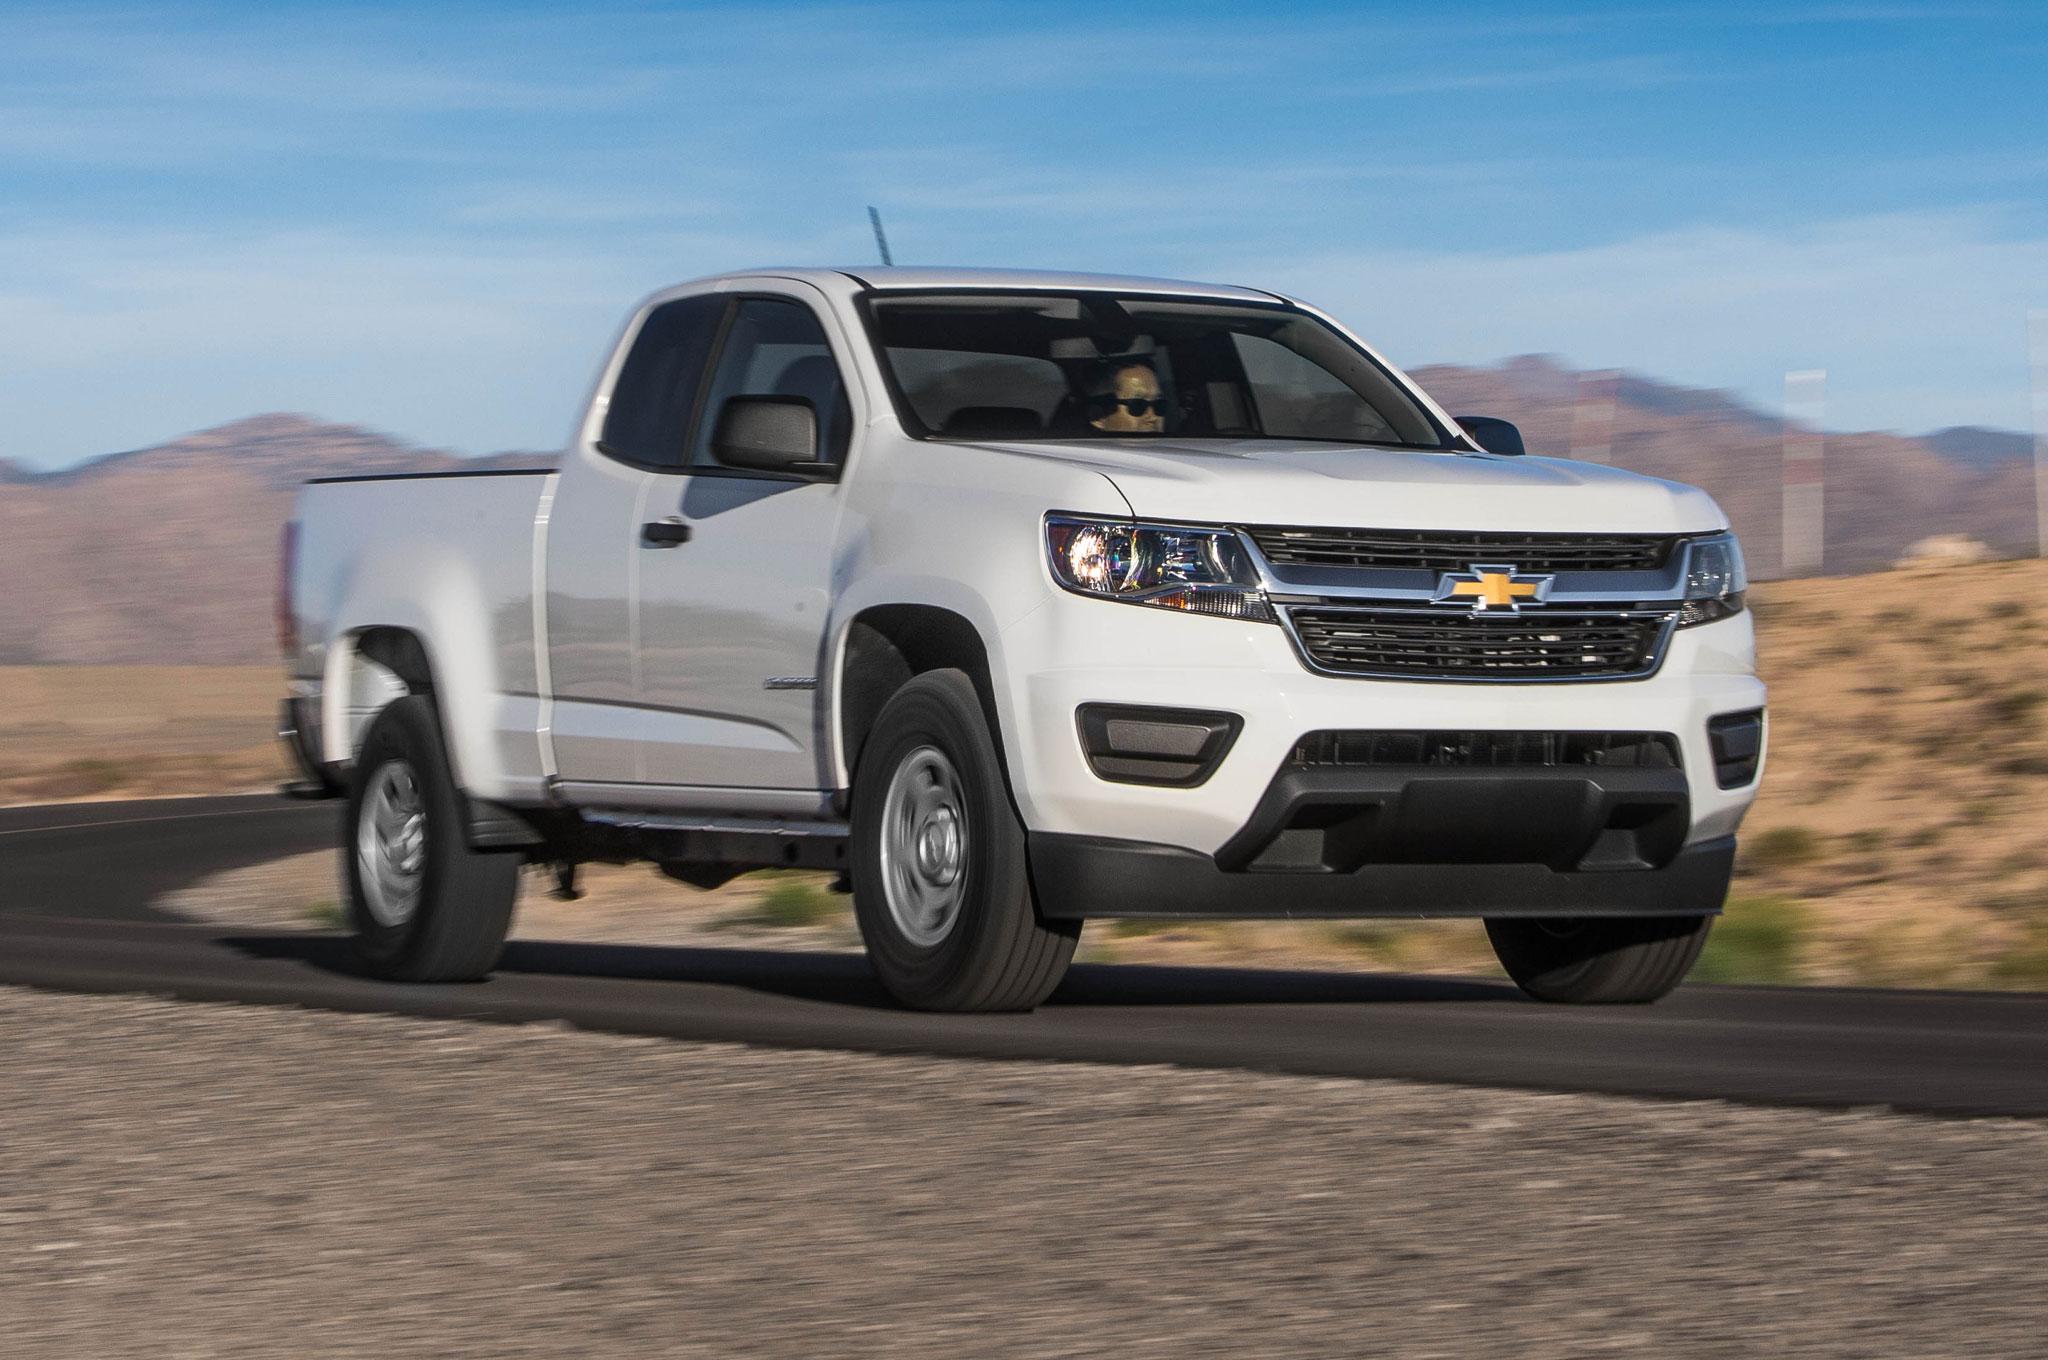 Top 15 Most Fuel Efficient 2016 Trucks